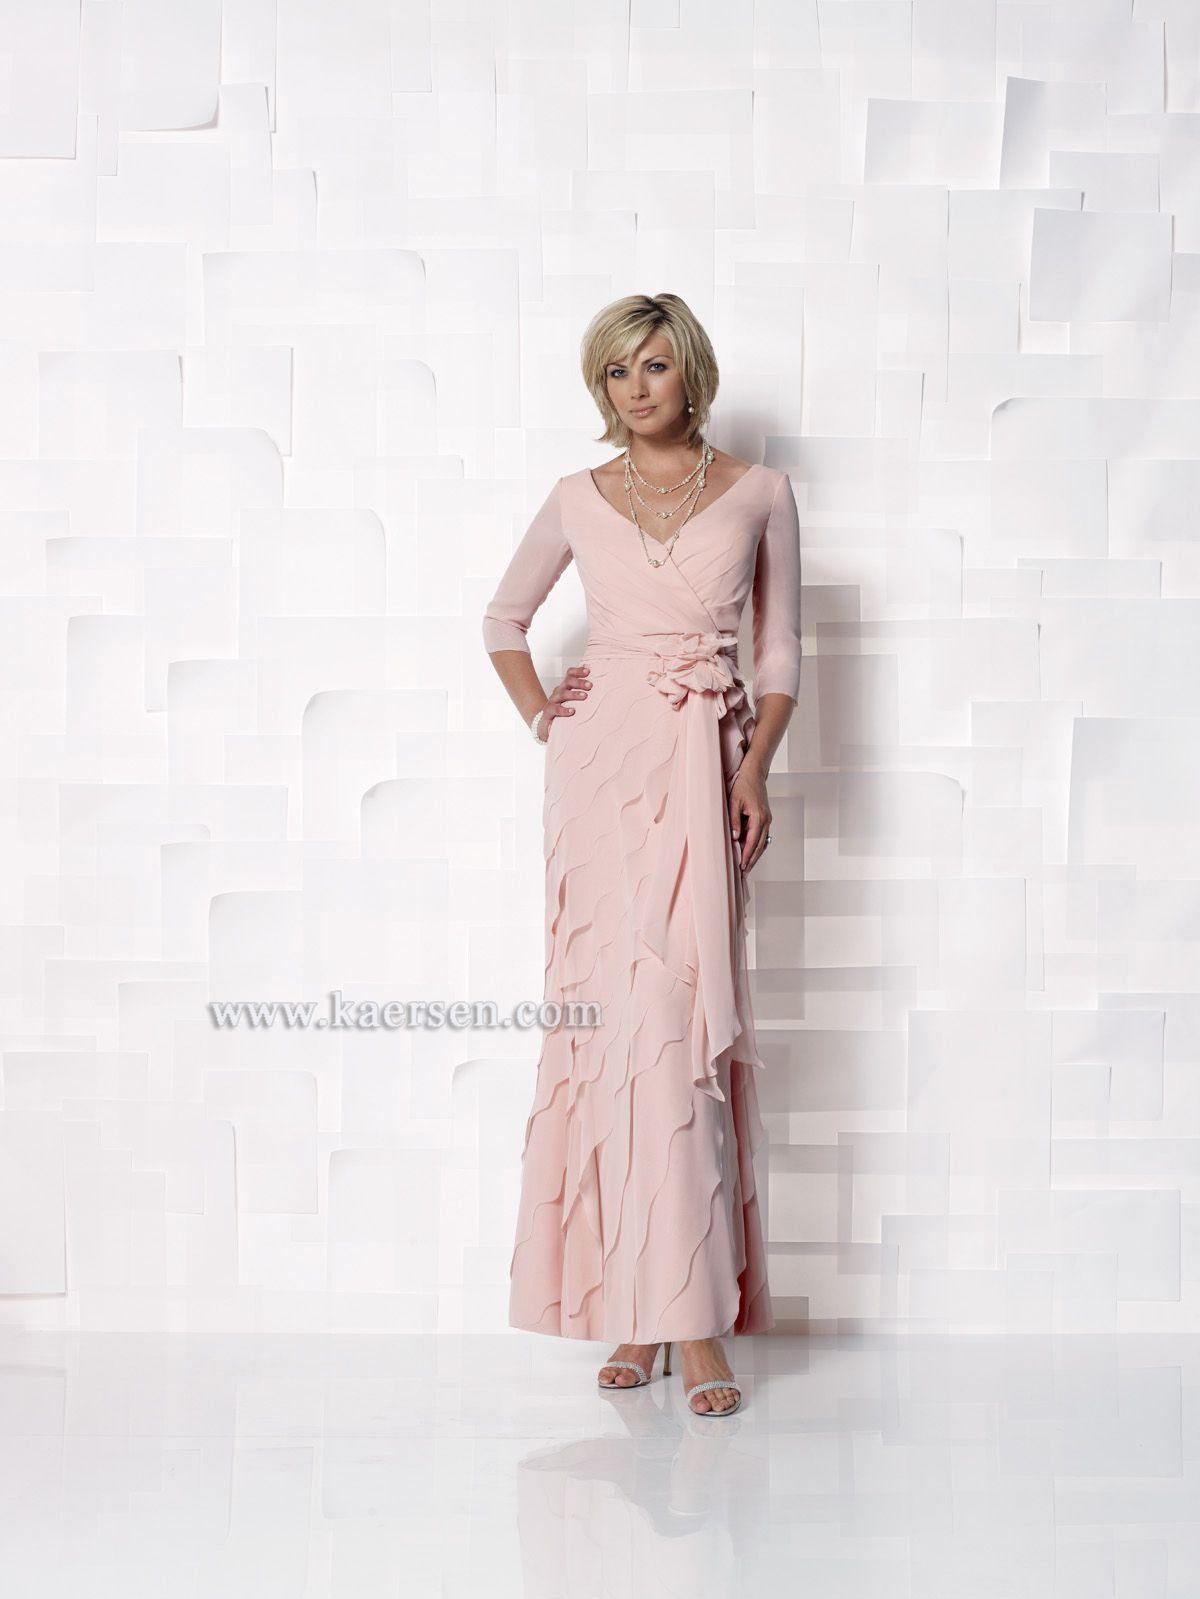 - 2012 Social/Mother of bridal dress style 9545 Wedding Dresses, Bridesmaid Gowns, Mother of the Bride Dresses, Flower Girl Dresses